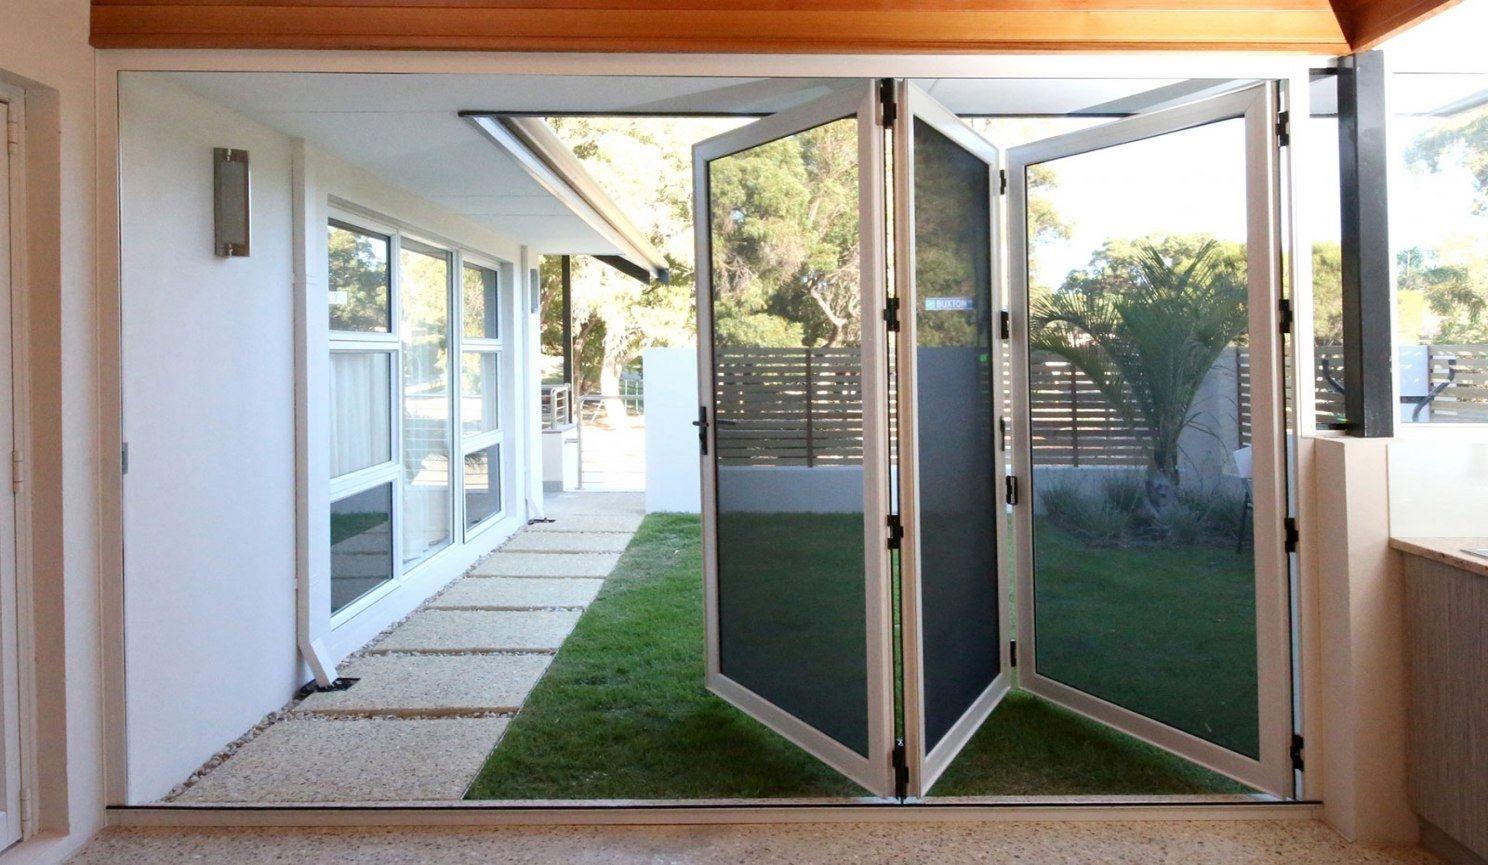 Security Screens for Bifold Doors Perth - Crimsafe | Patio screen door,  Folding patio doors, Double patio doors